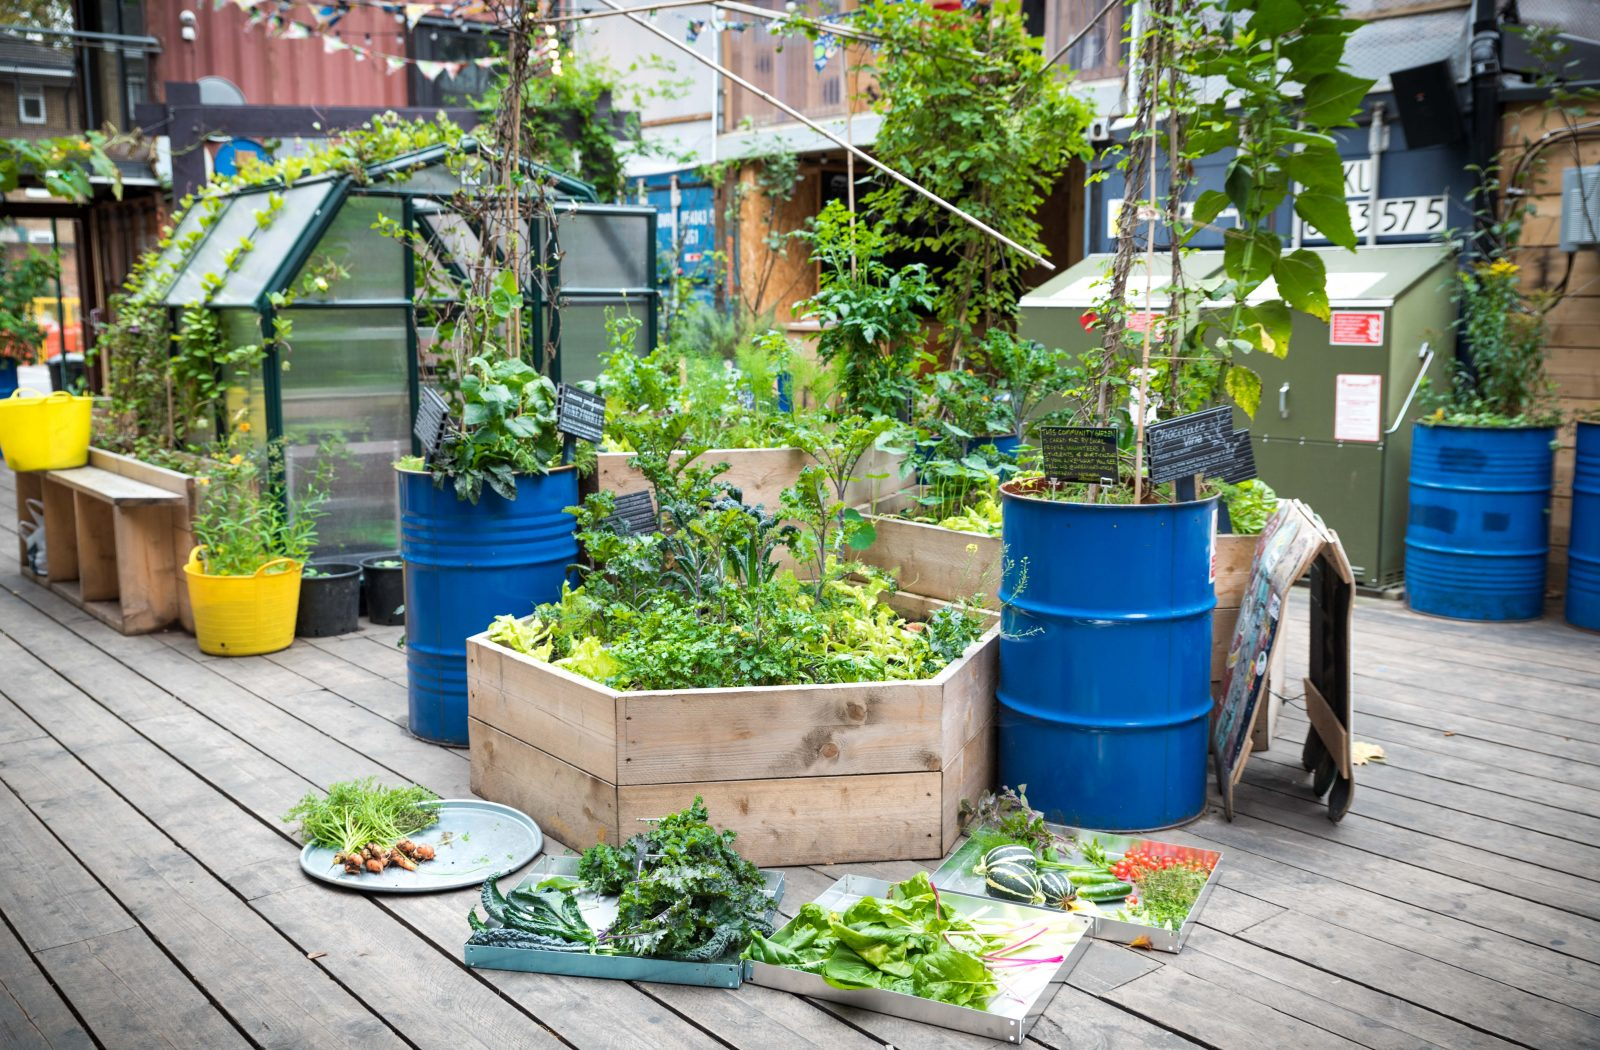 Фондация КОРЕН - Проект - Полезни ли са за здравето ядливи растения, гледани в градска среда?